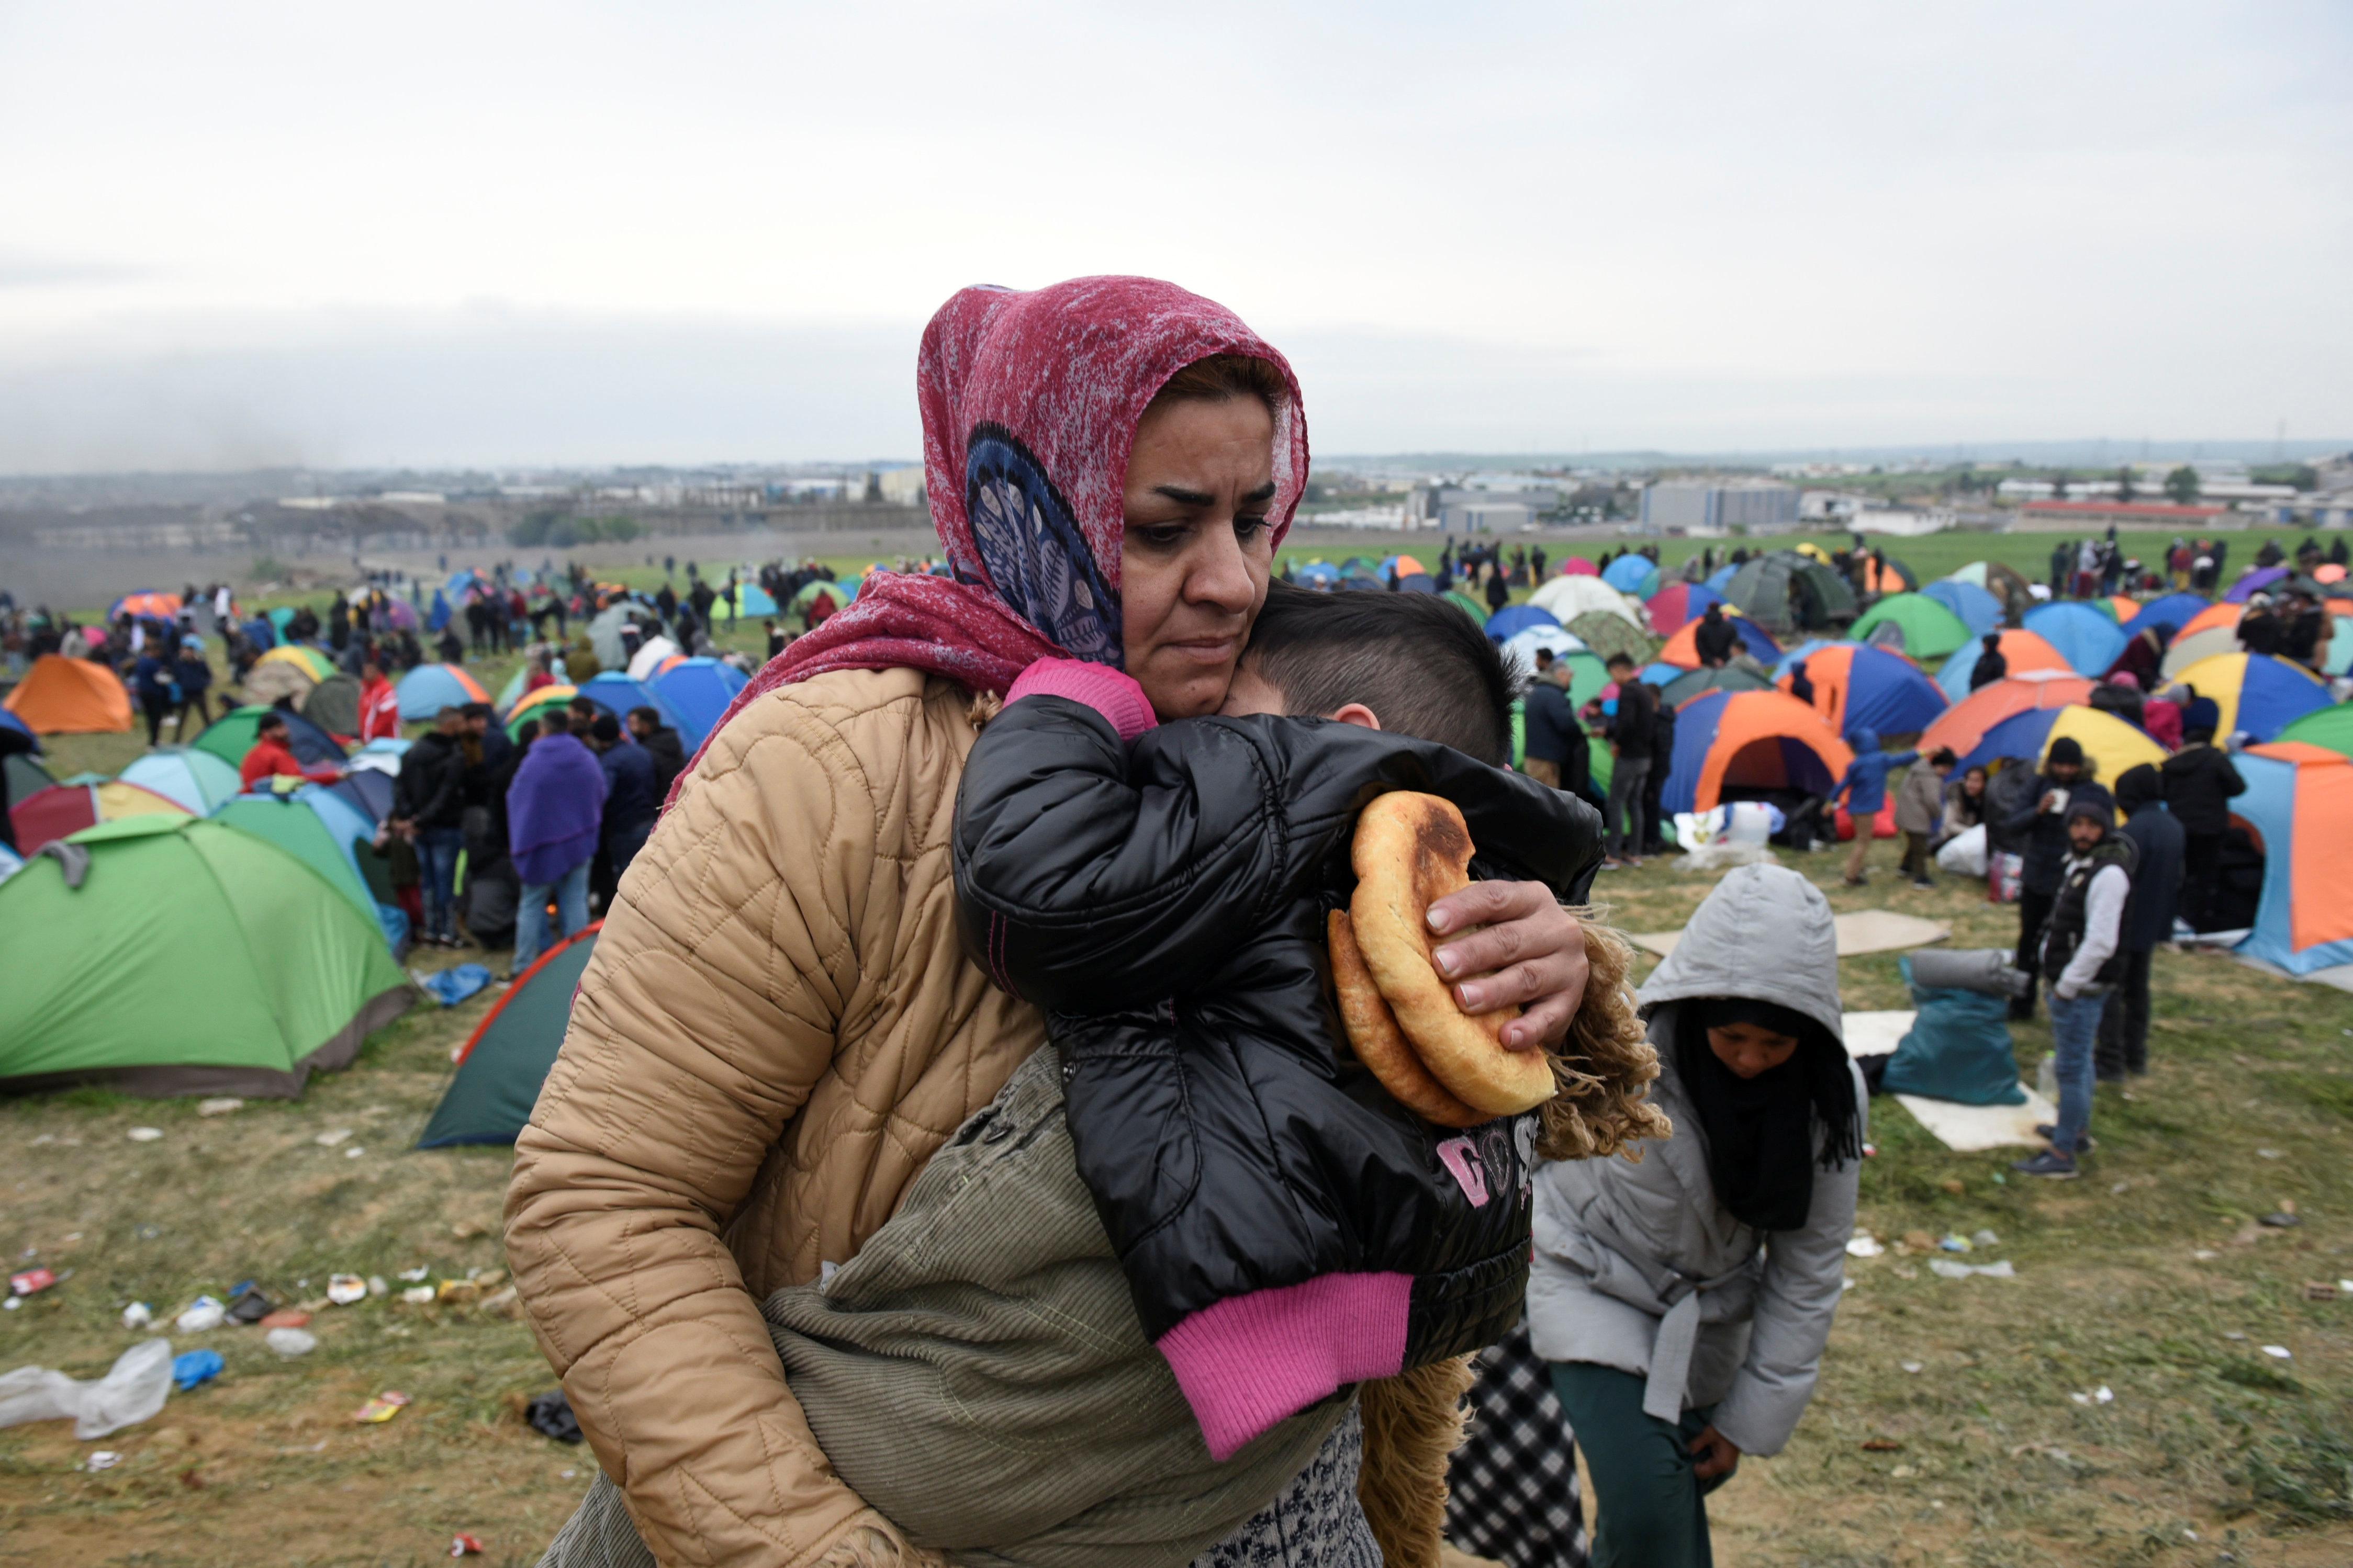 Διαβατά: Η Ειδομένη επιστρέφει με καταλήψεις και ένταση στα